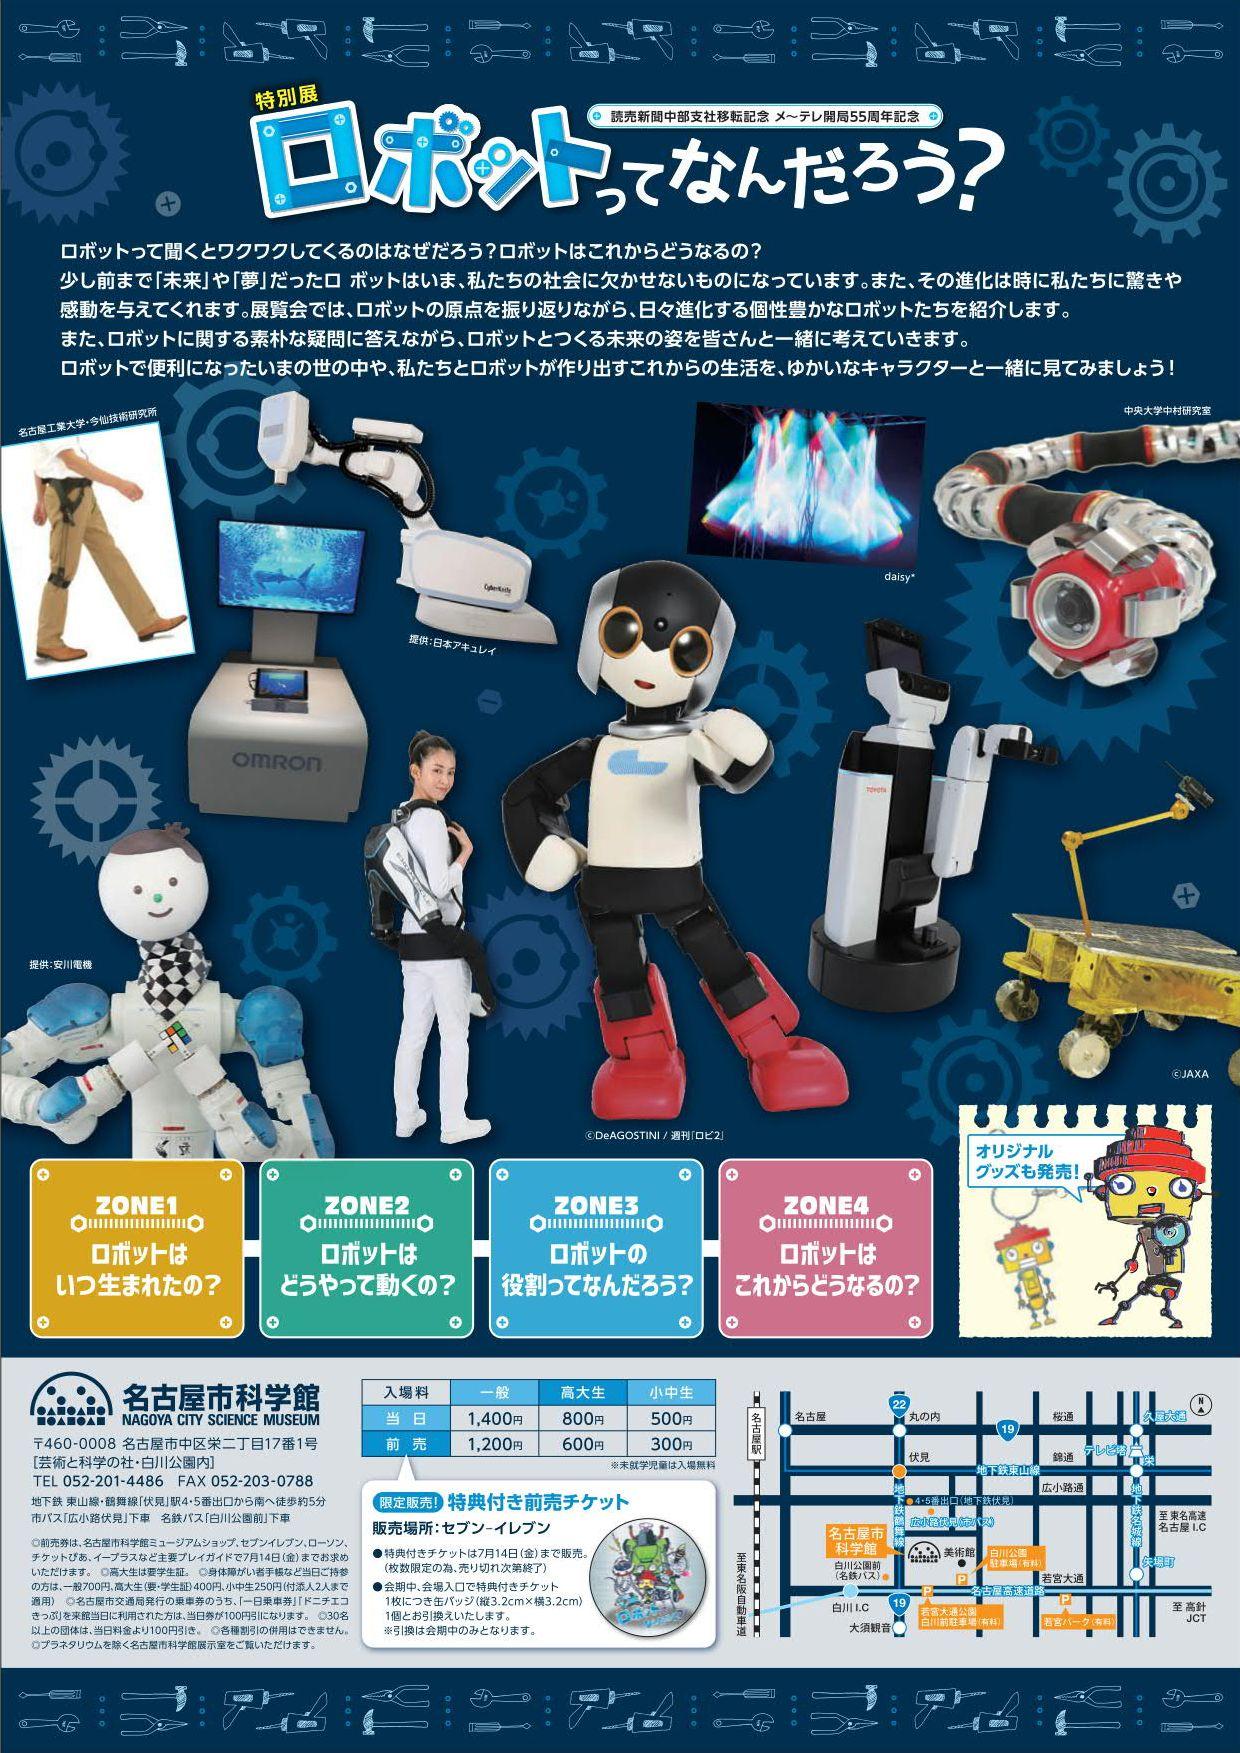 ロボット展チラシ画像